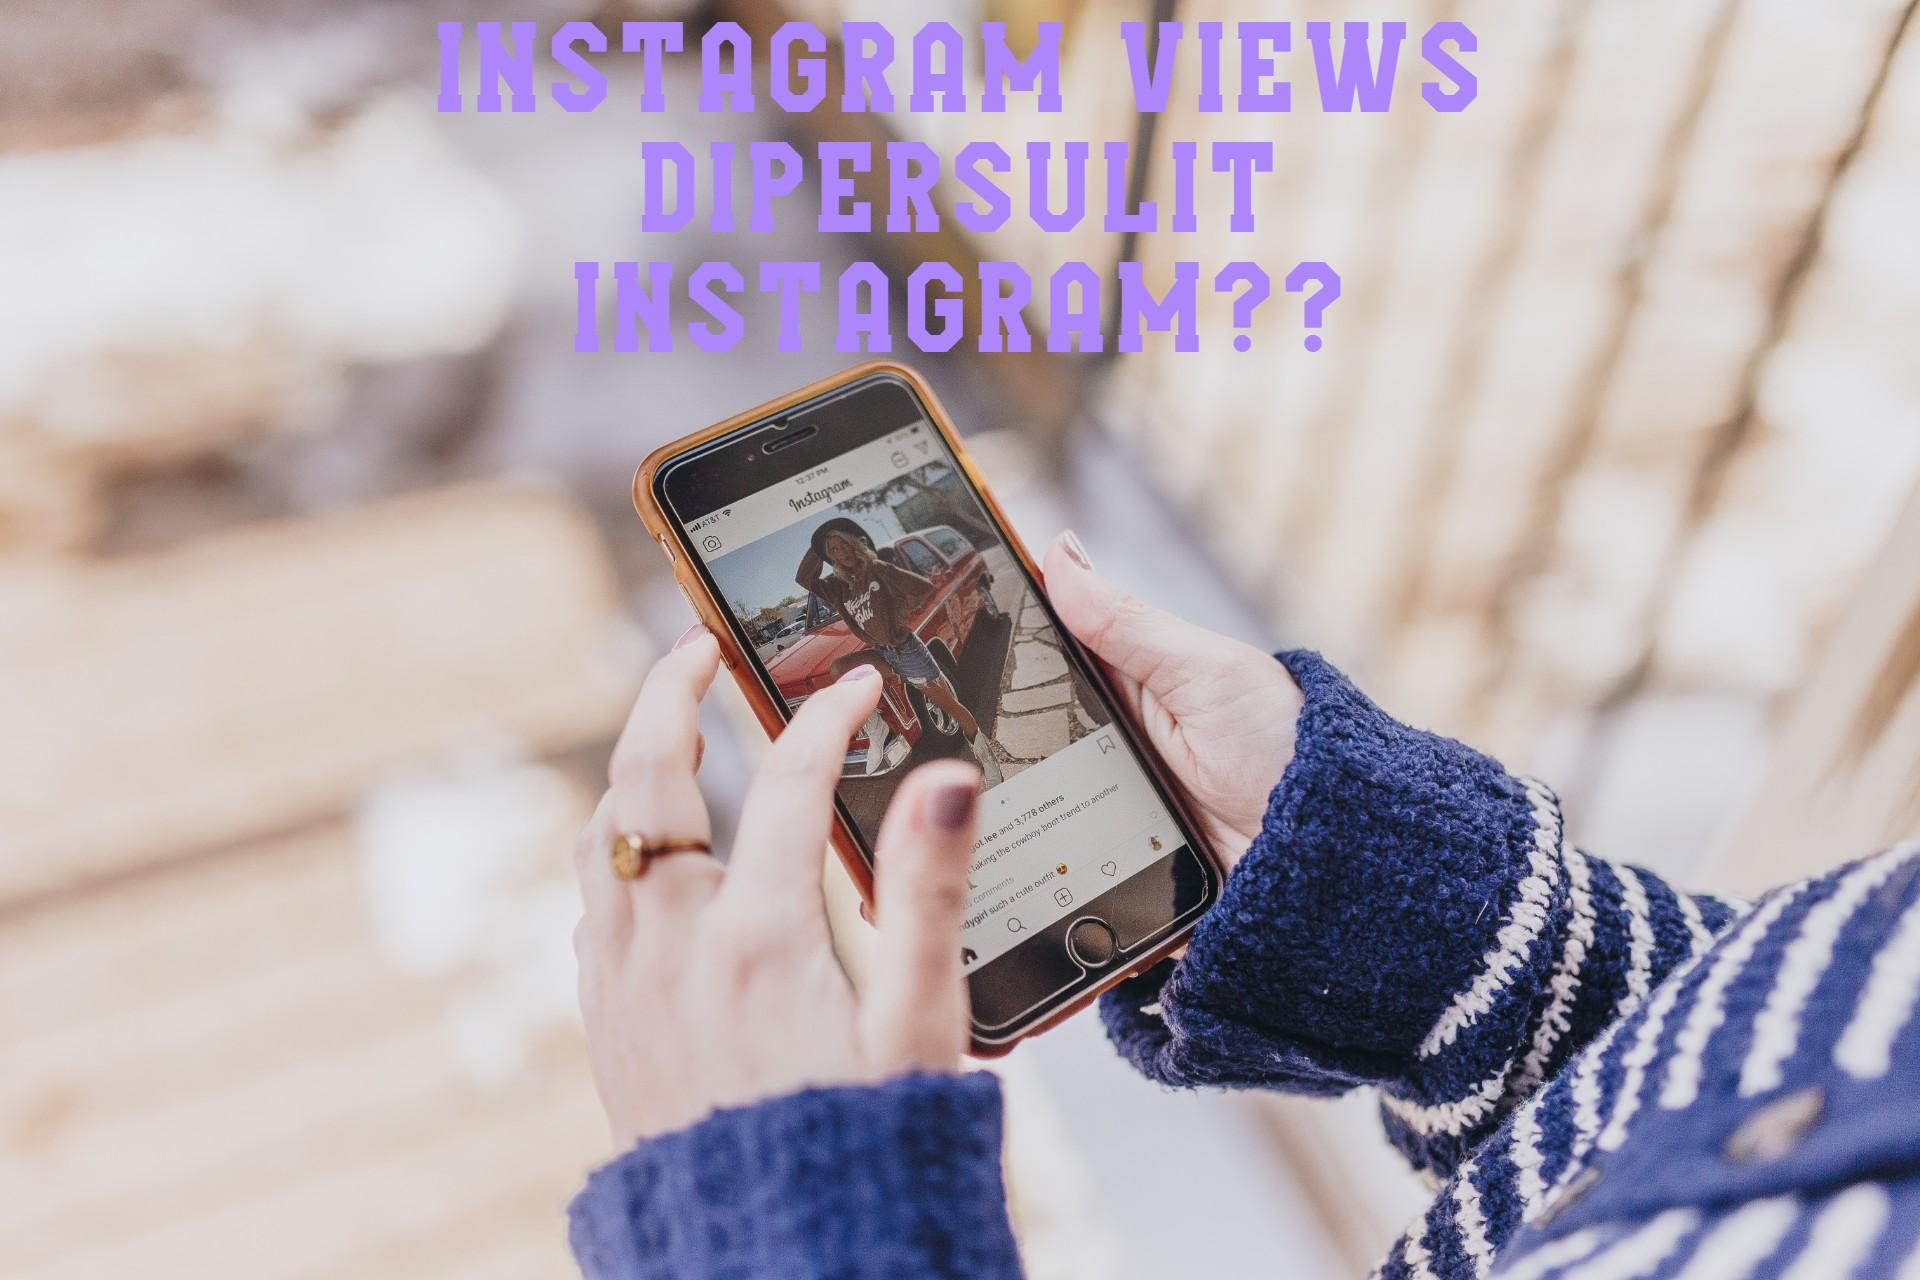 Instagram Views susah nambah ya??